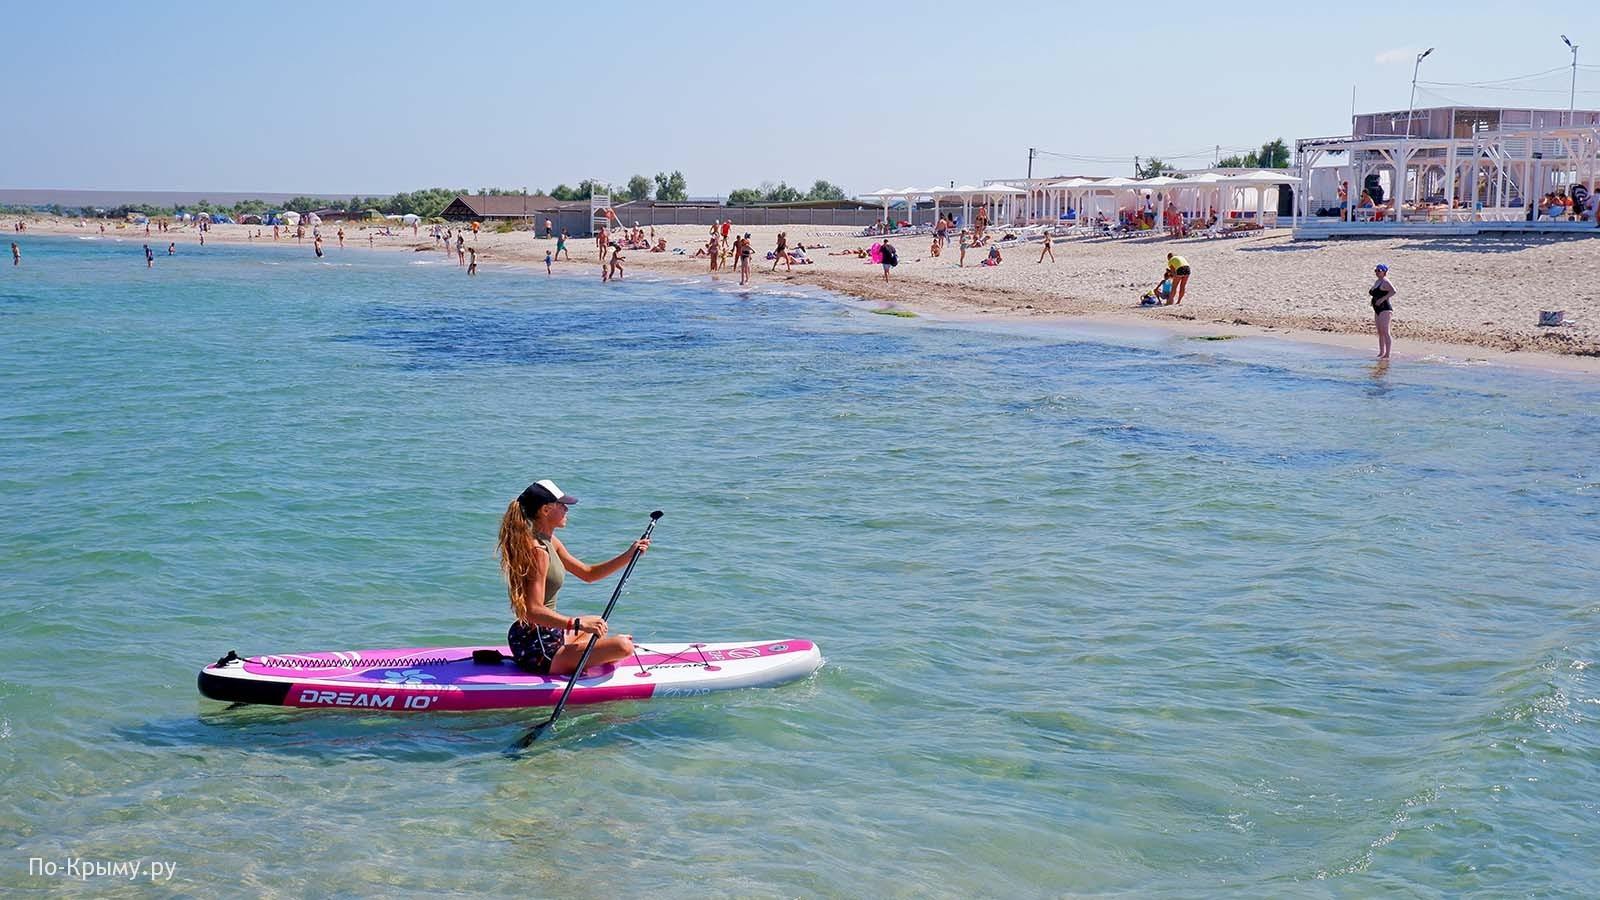 Пляж Экстрим-Крым №ЧЕ-10, Караджинская бухта